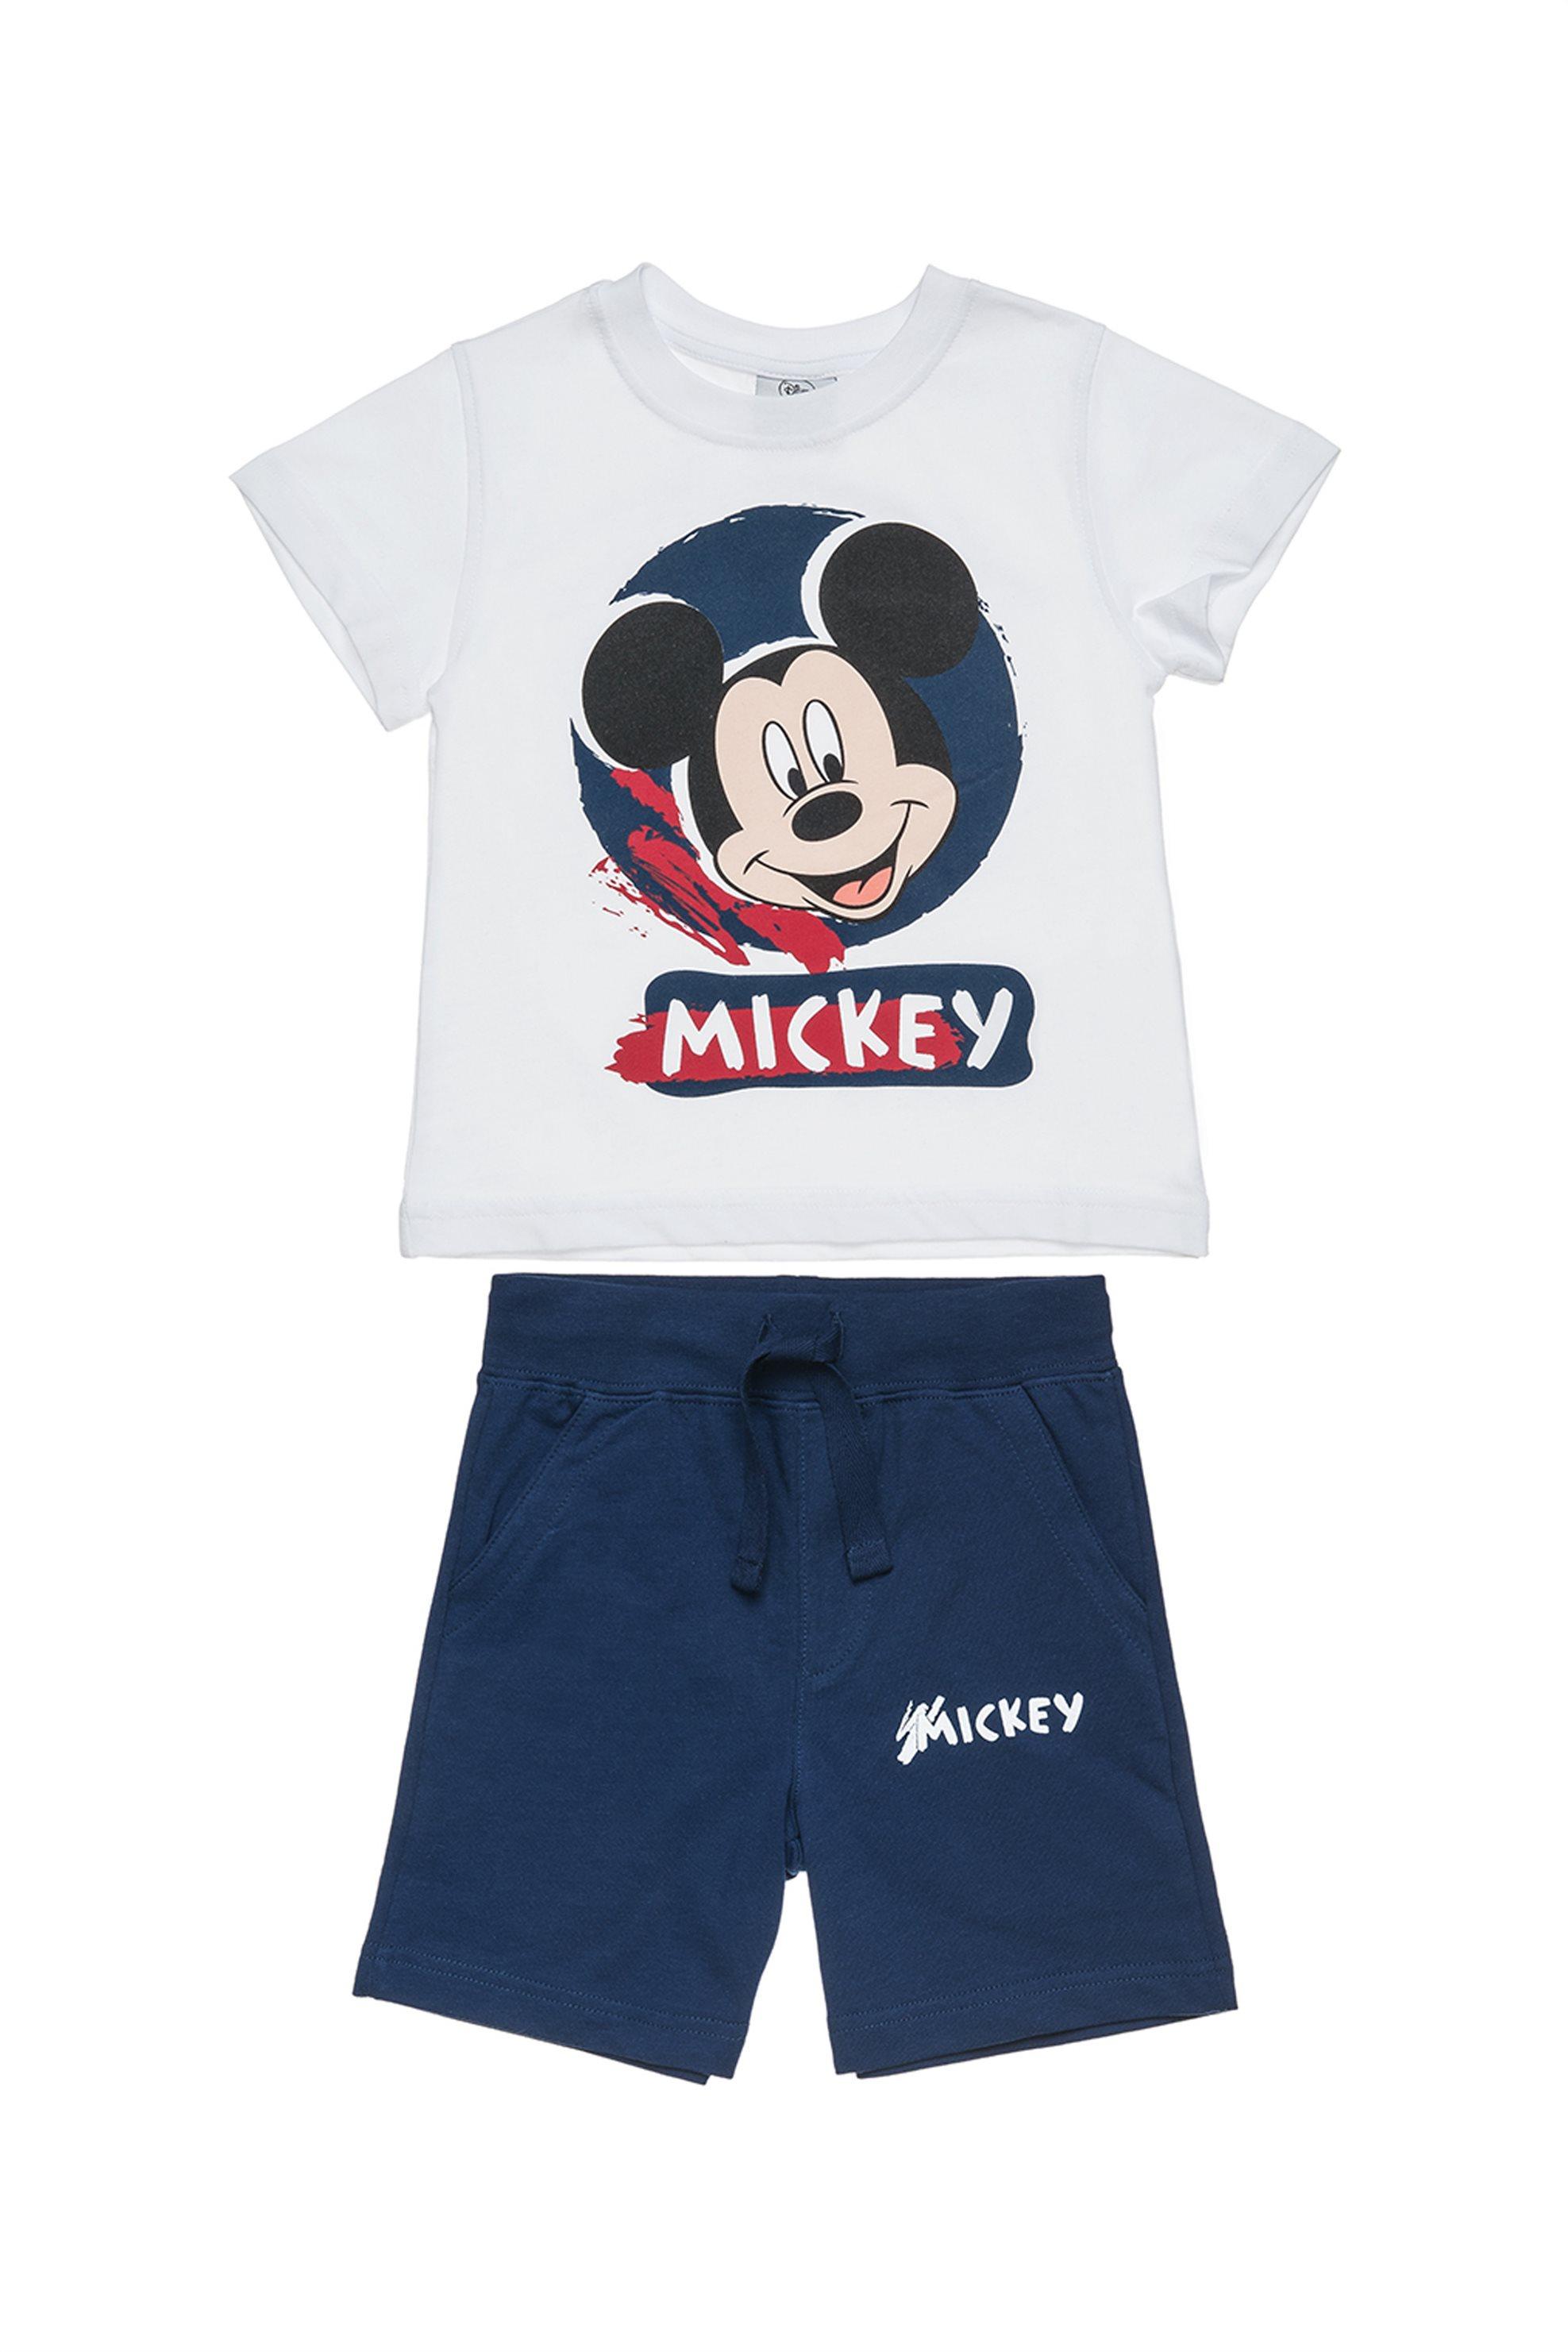 Βρεφικό σετ T-shirt με print Mickey Mouse και βερμούδα Disney - 00370484 - Λευκό παιδι   βρεφικα αγορι   0 3 ετων   αγορι   4 14 ετων   ρούχα   σετ ρούχων   σετ